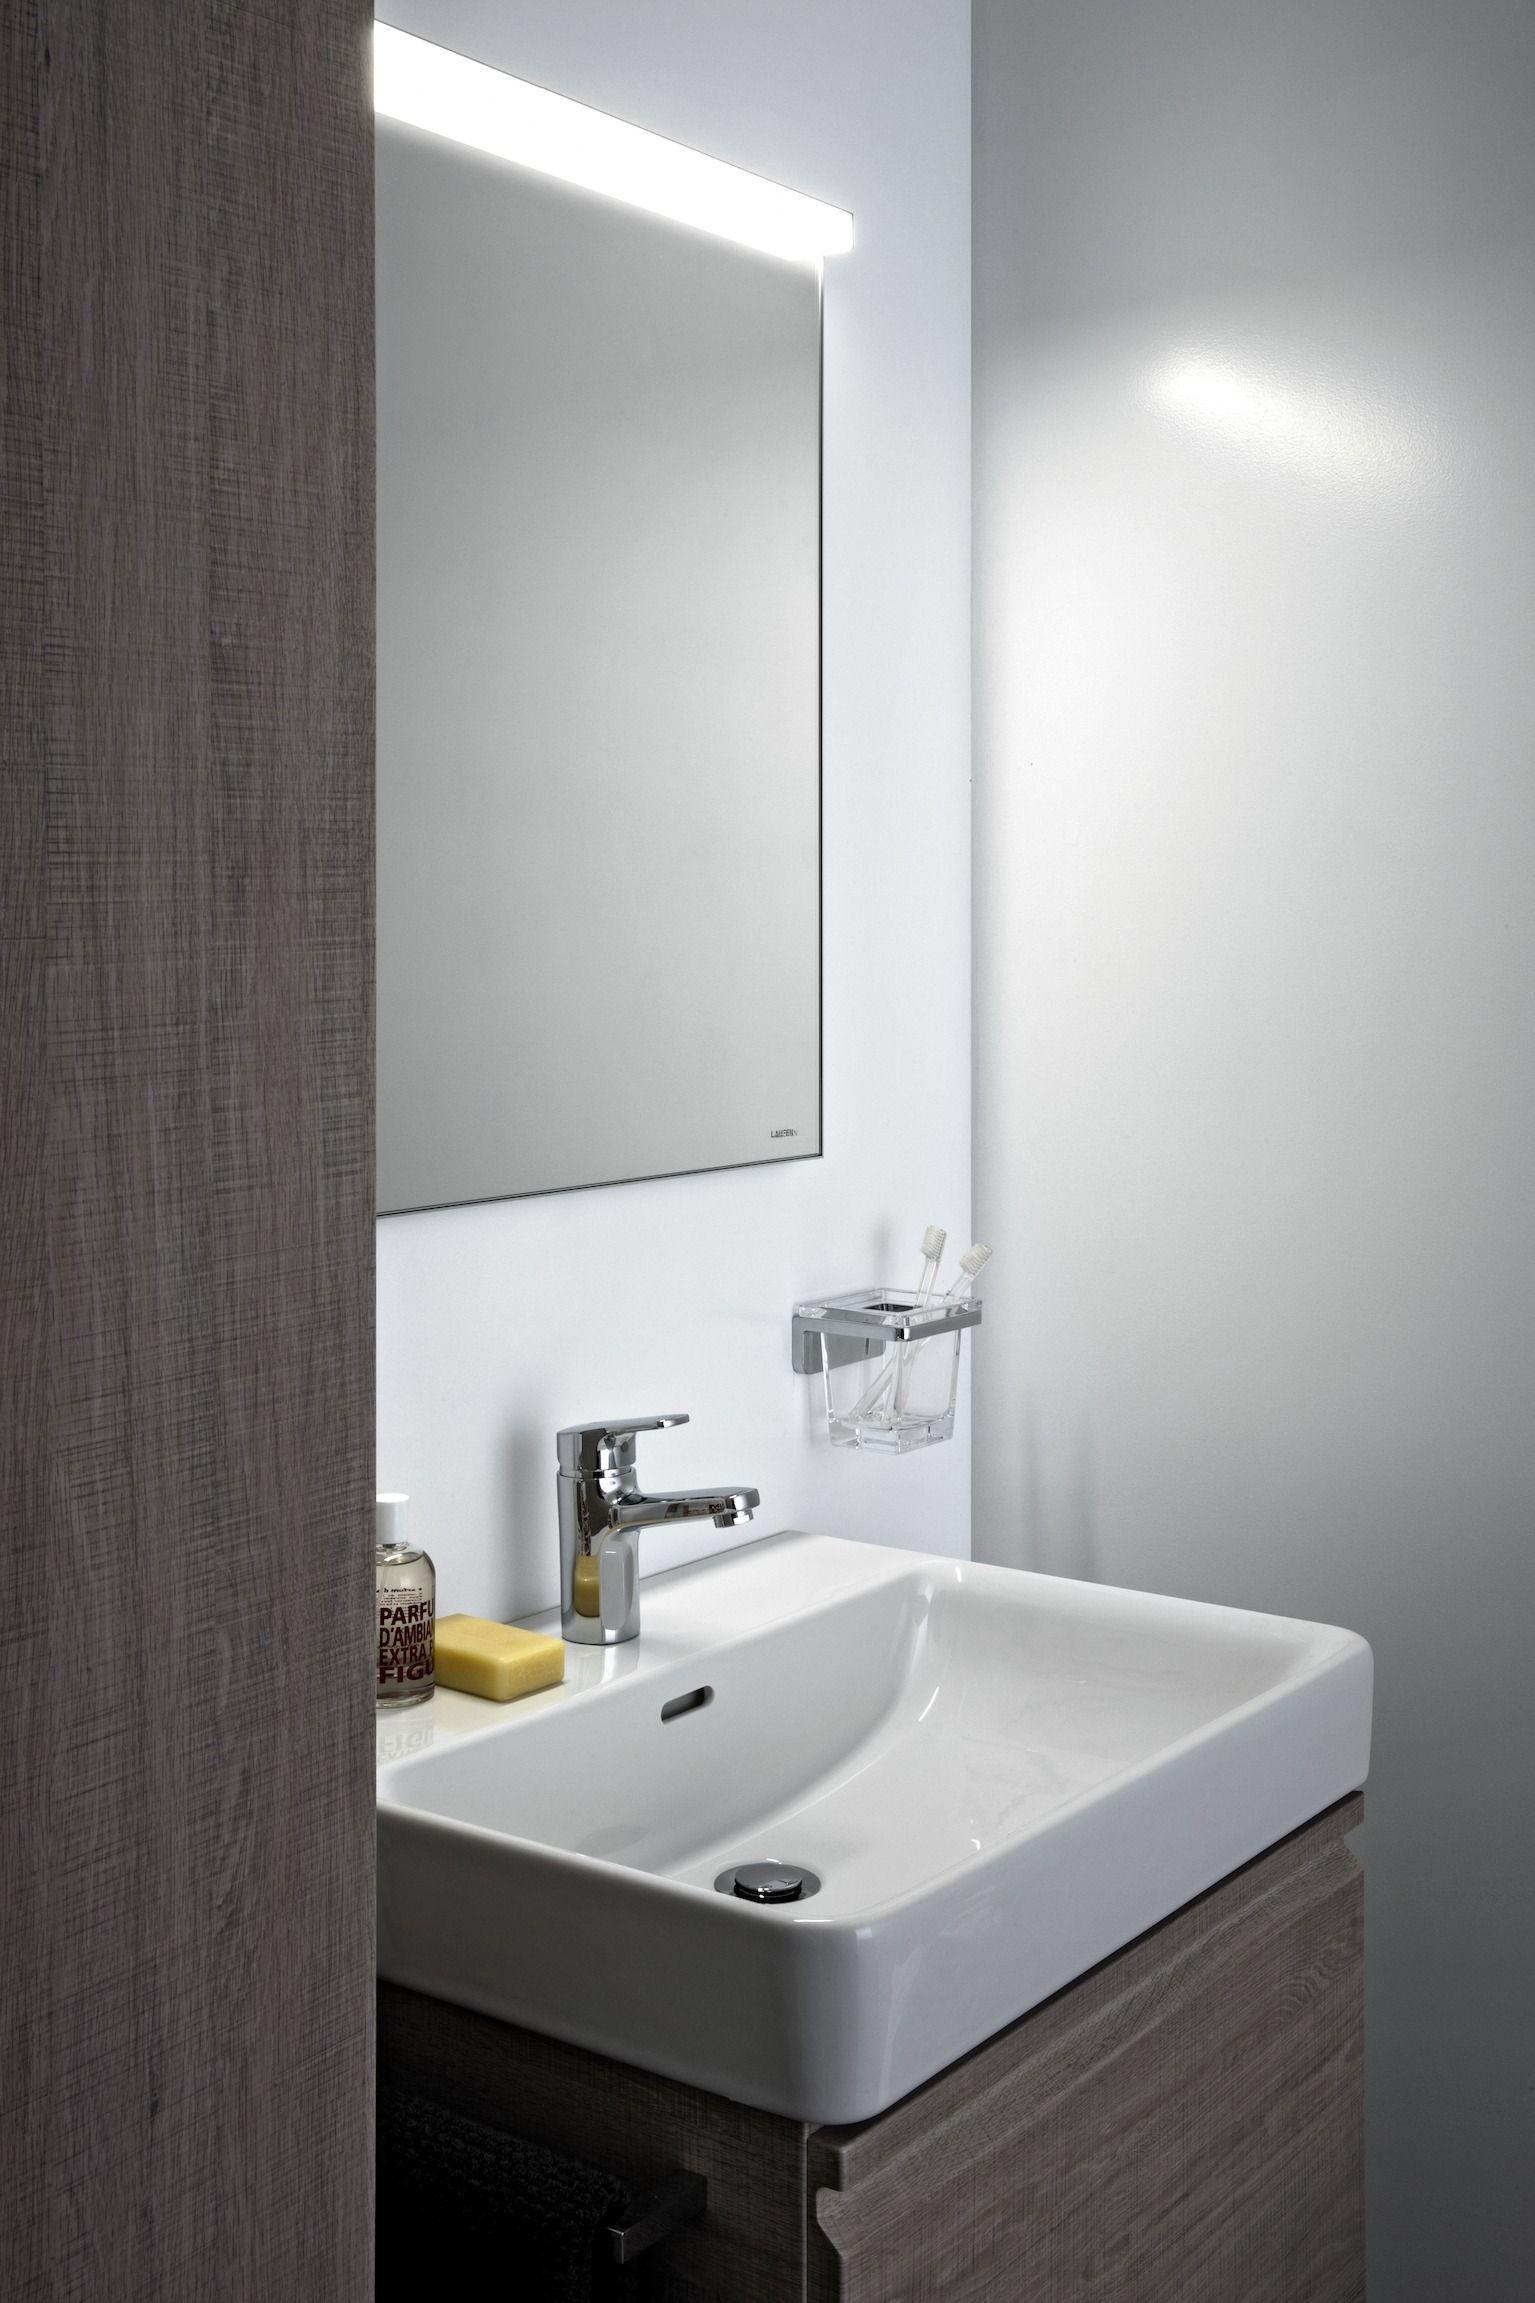 Finde Jetzt Dein Traumbad Wertvolle Tipps Von Der Planung Bis Zur Umsetzung Waschbecken Design Waschbecken Und Badezimmer